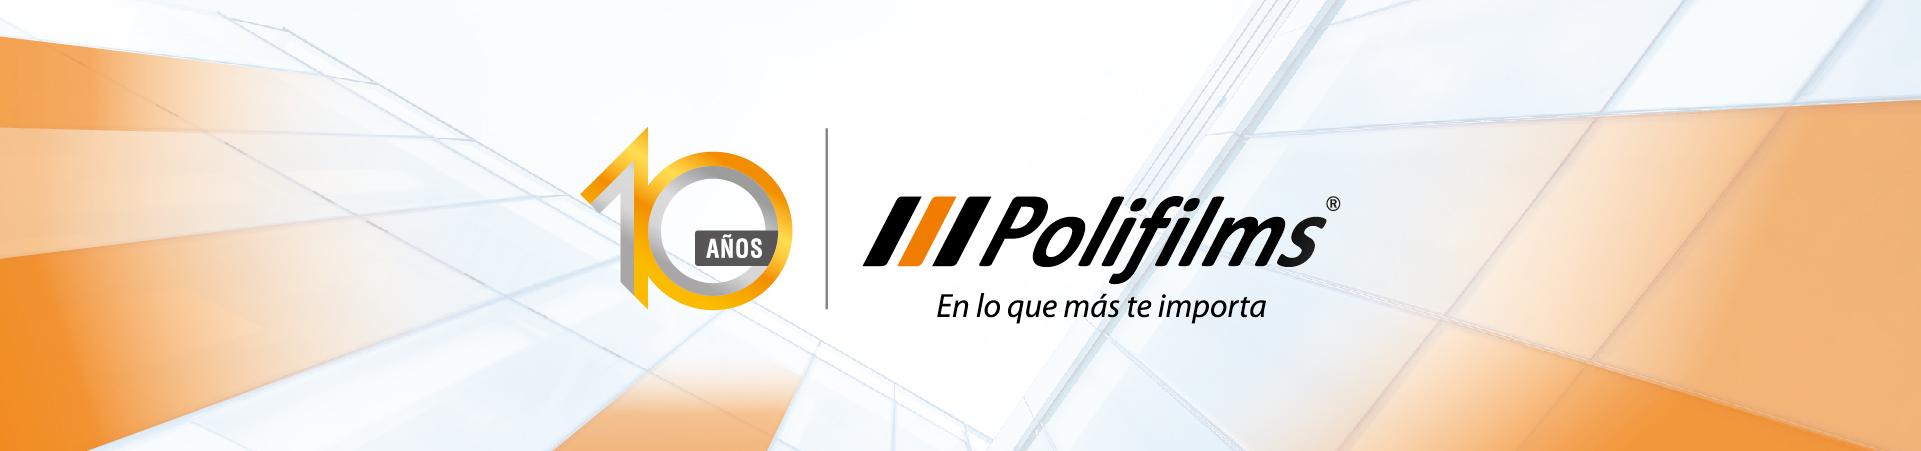 Polifilms 10 años